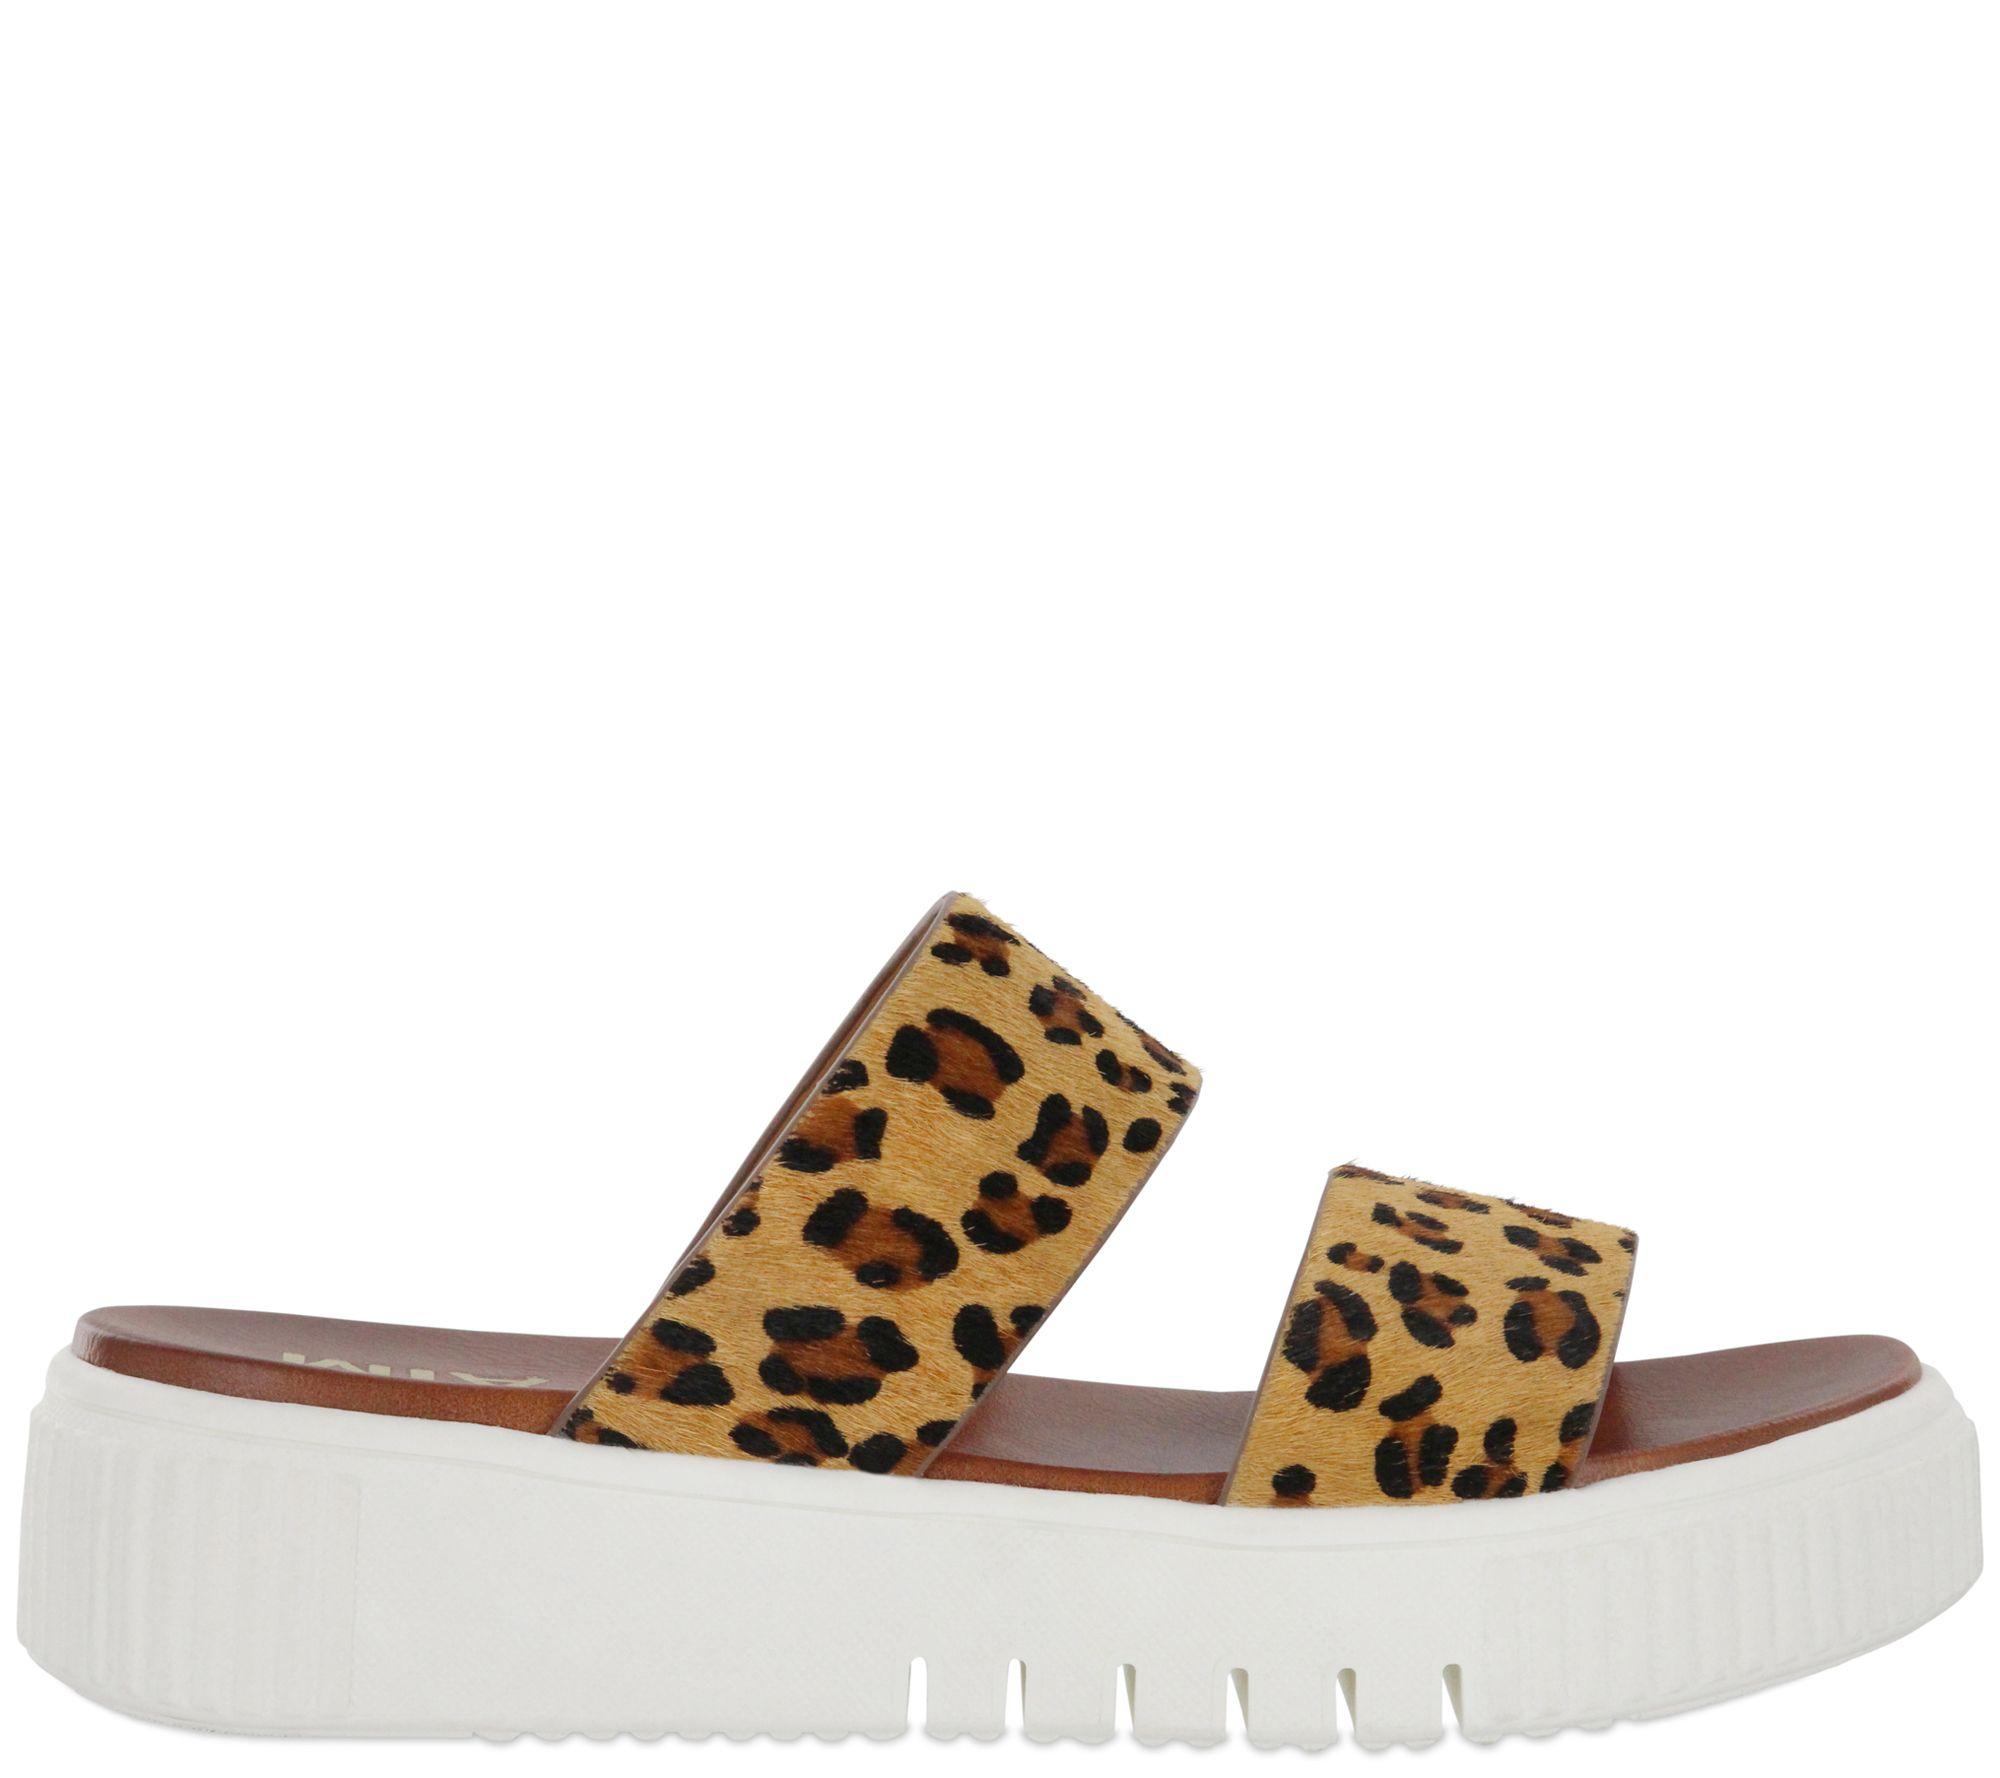 7742635c2be4 MIA Shoes Sneaker Sole Flatform Slide Sandals -Lexi - Page 1 — QVC.com